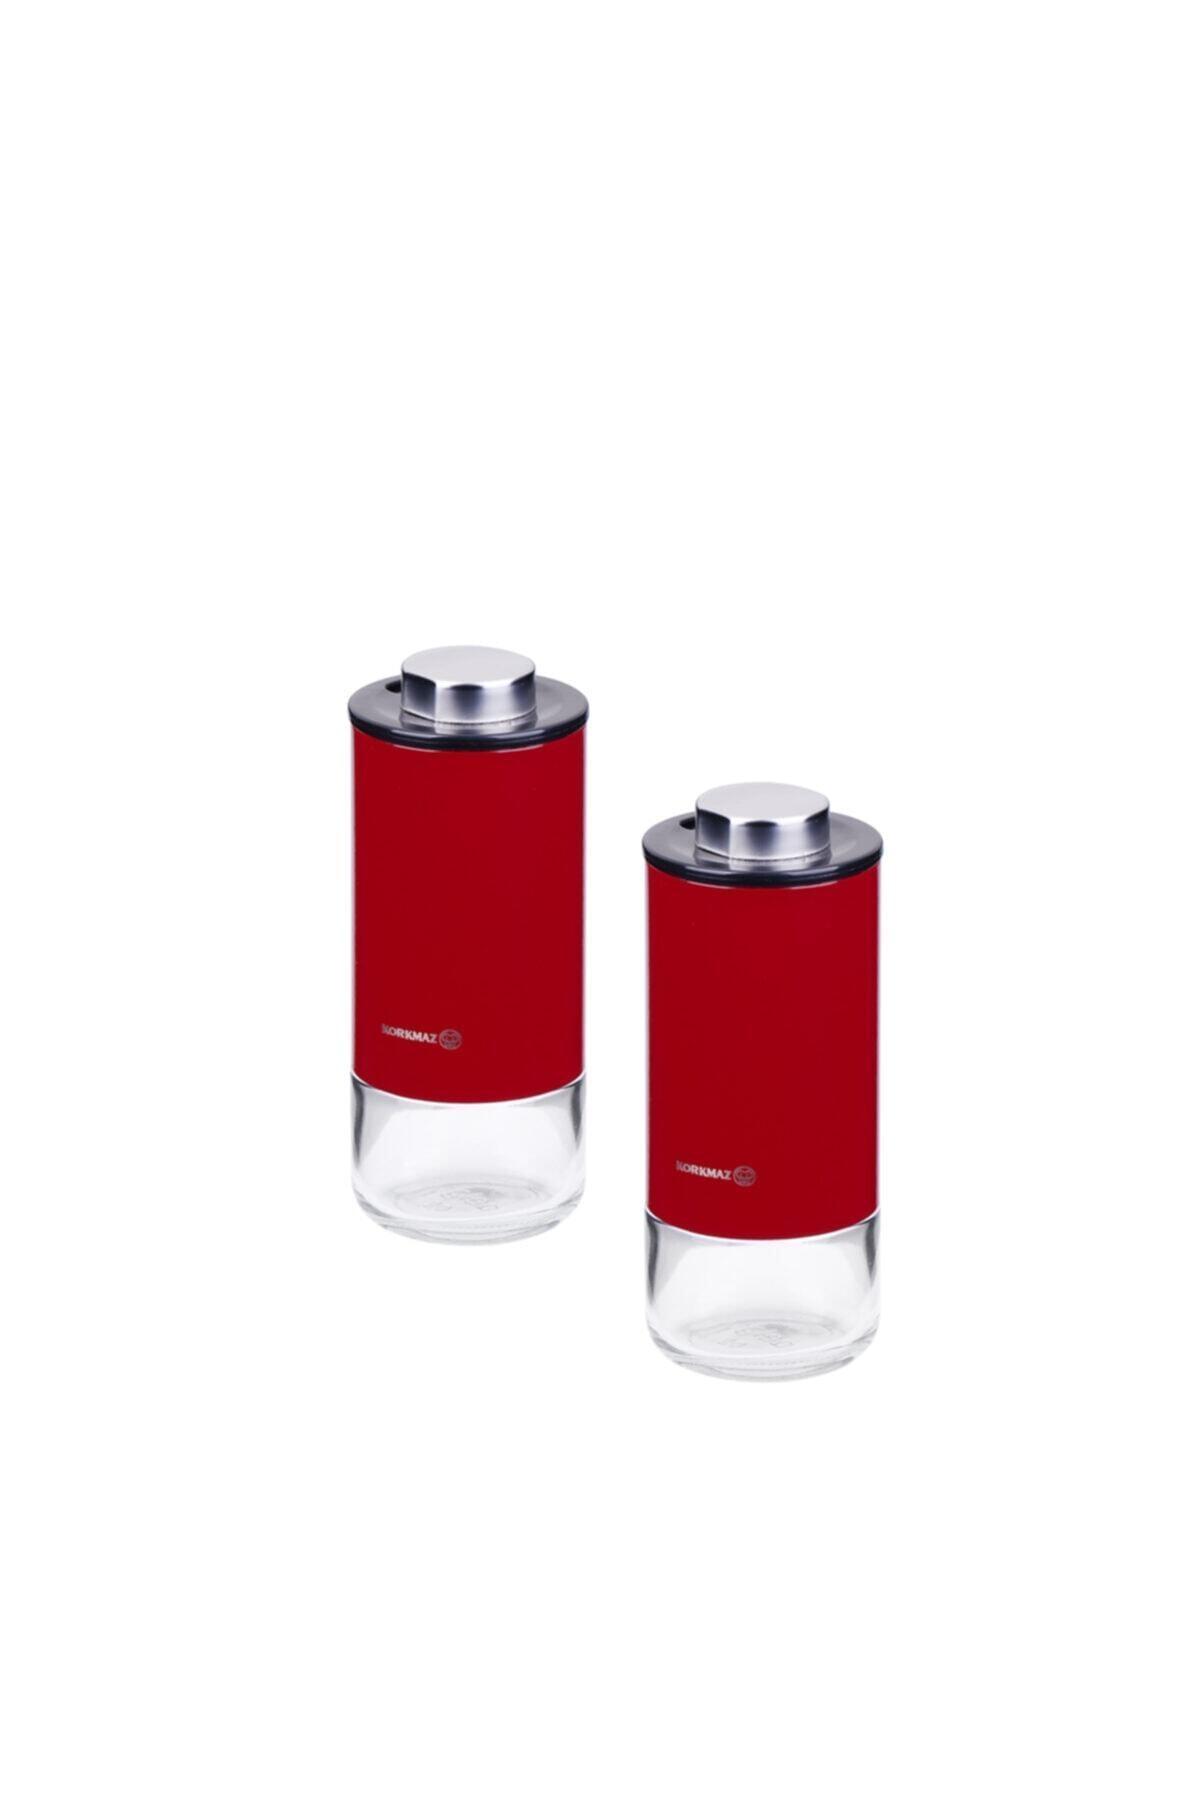 Stora Plus Kırmızı Tuzluk Biberlik Seti